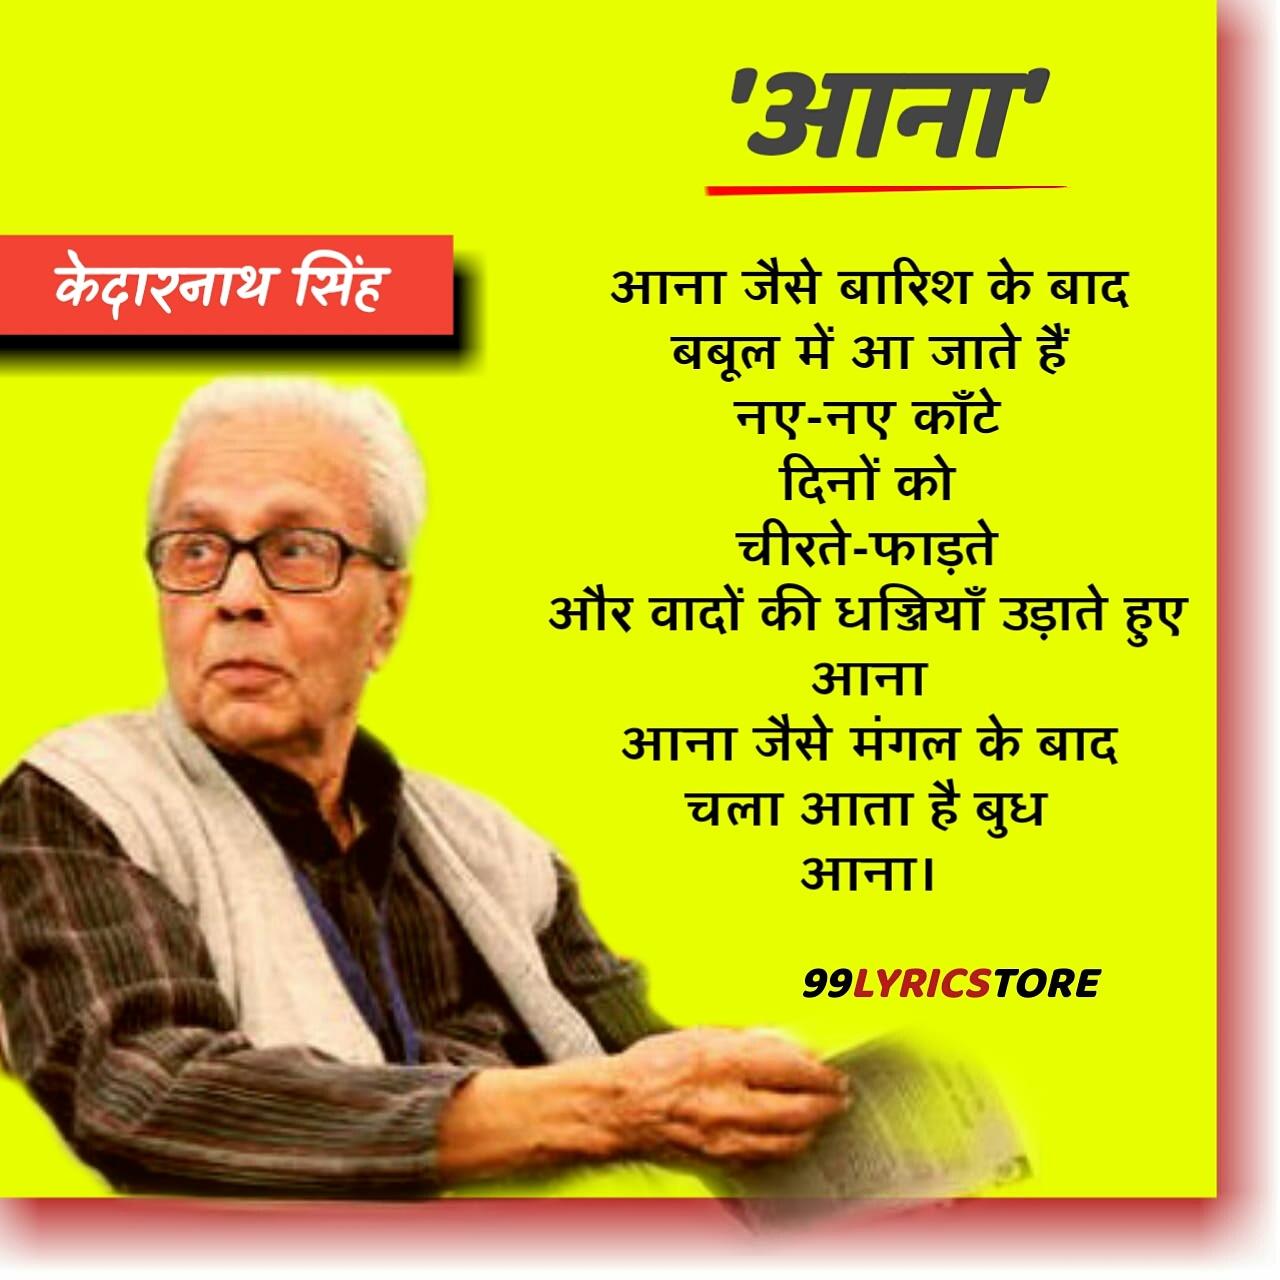 'आना' केदारनाथ सिंह जी द्वारा लिखी गई एक हिन्दी कविता है।